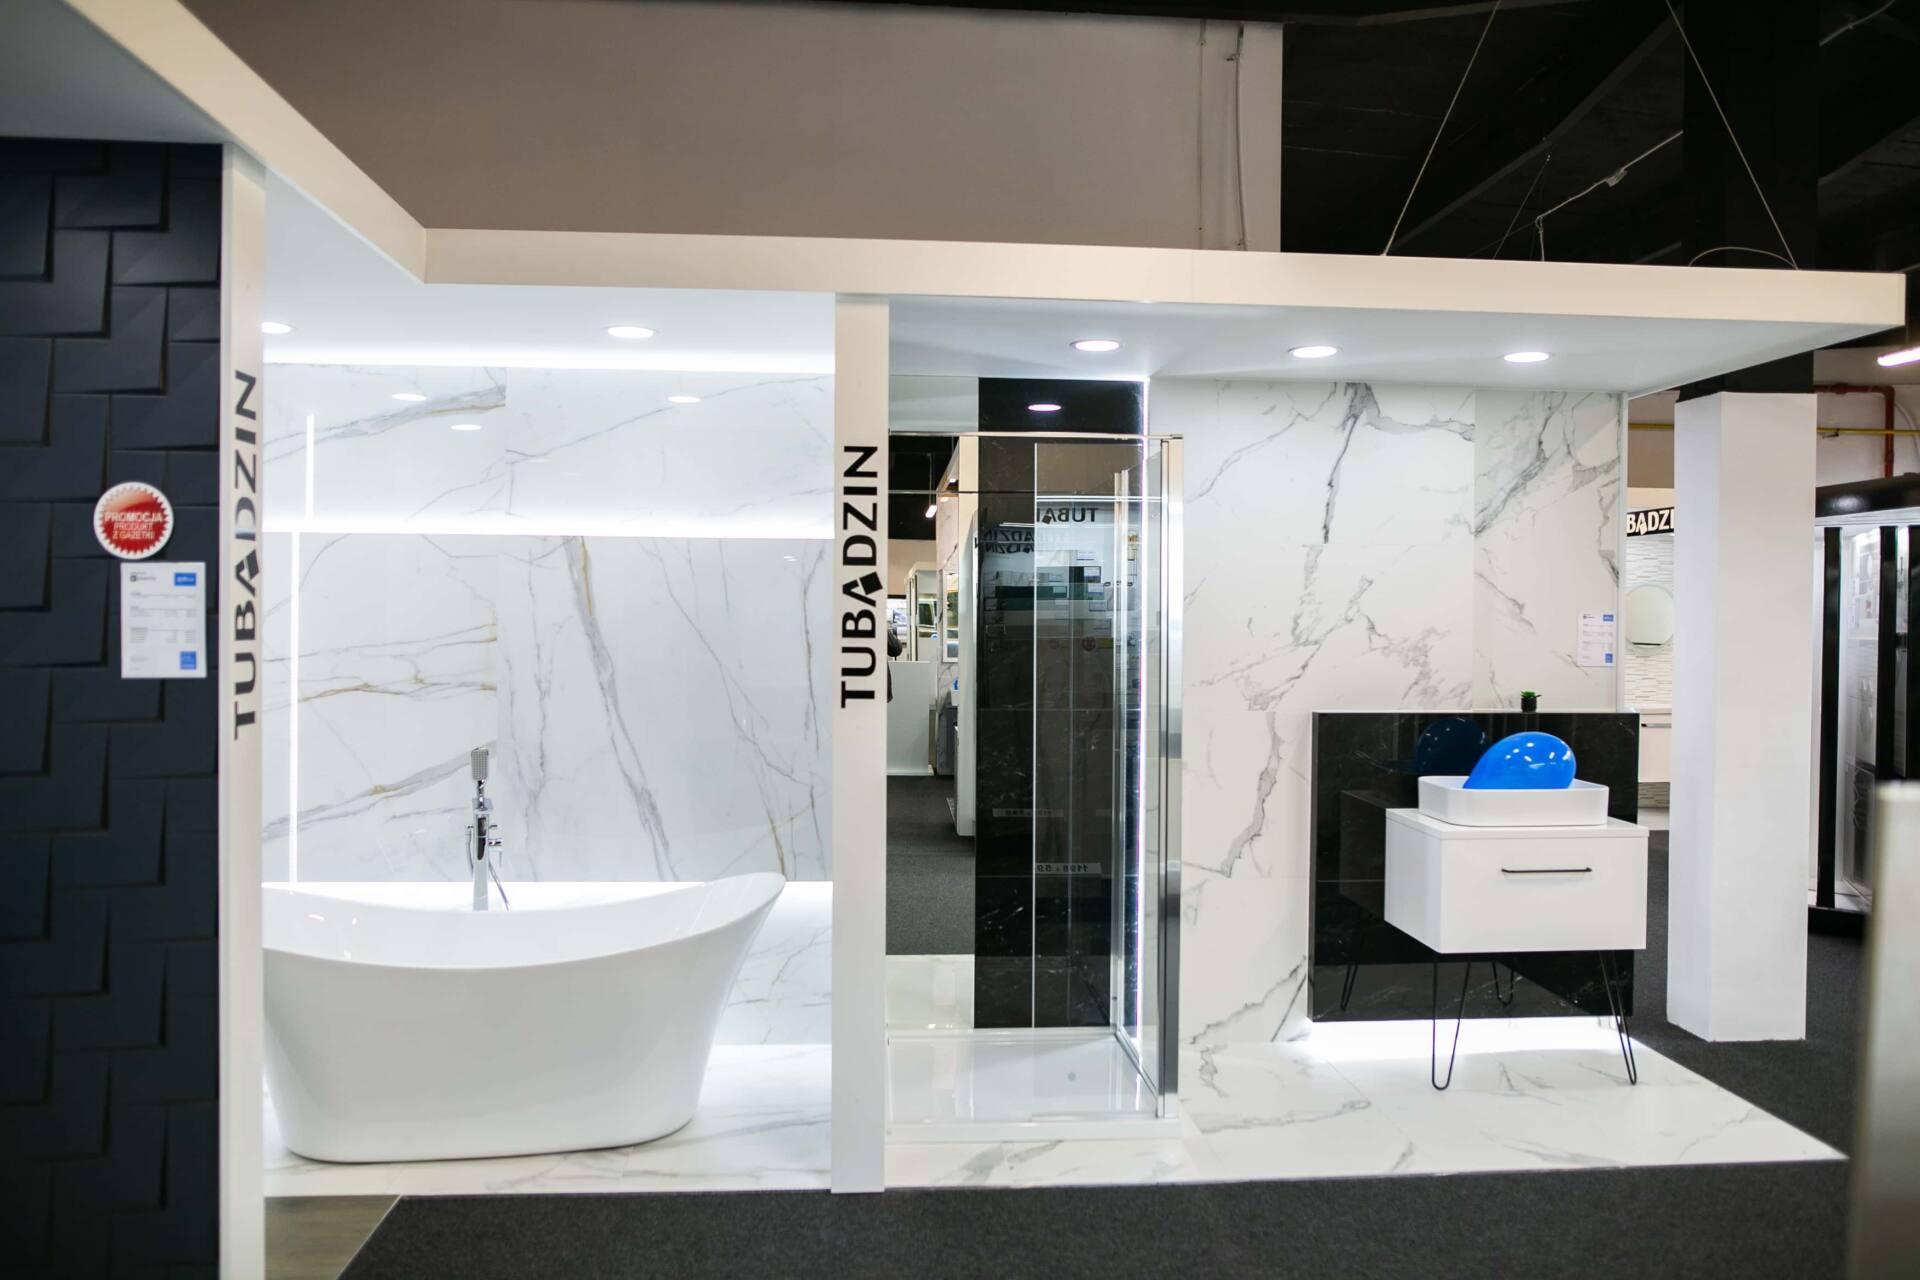 5db 5575 Nowy salon łazienek BLU w Zamościu już otwarty! Publikujemy 80 zdjęć